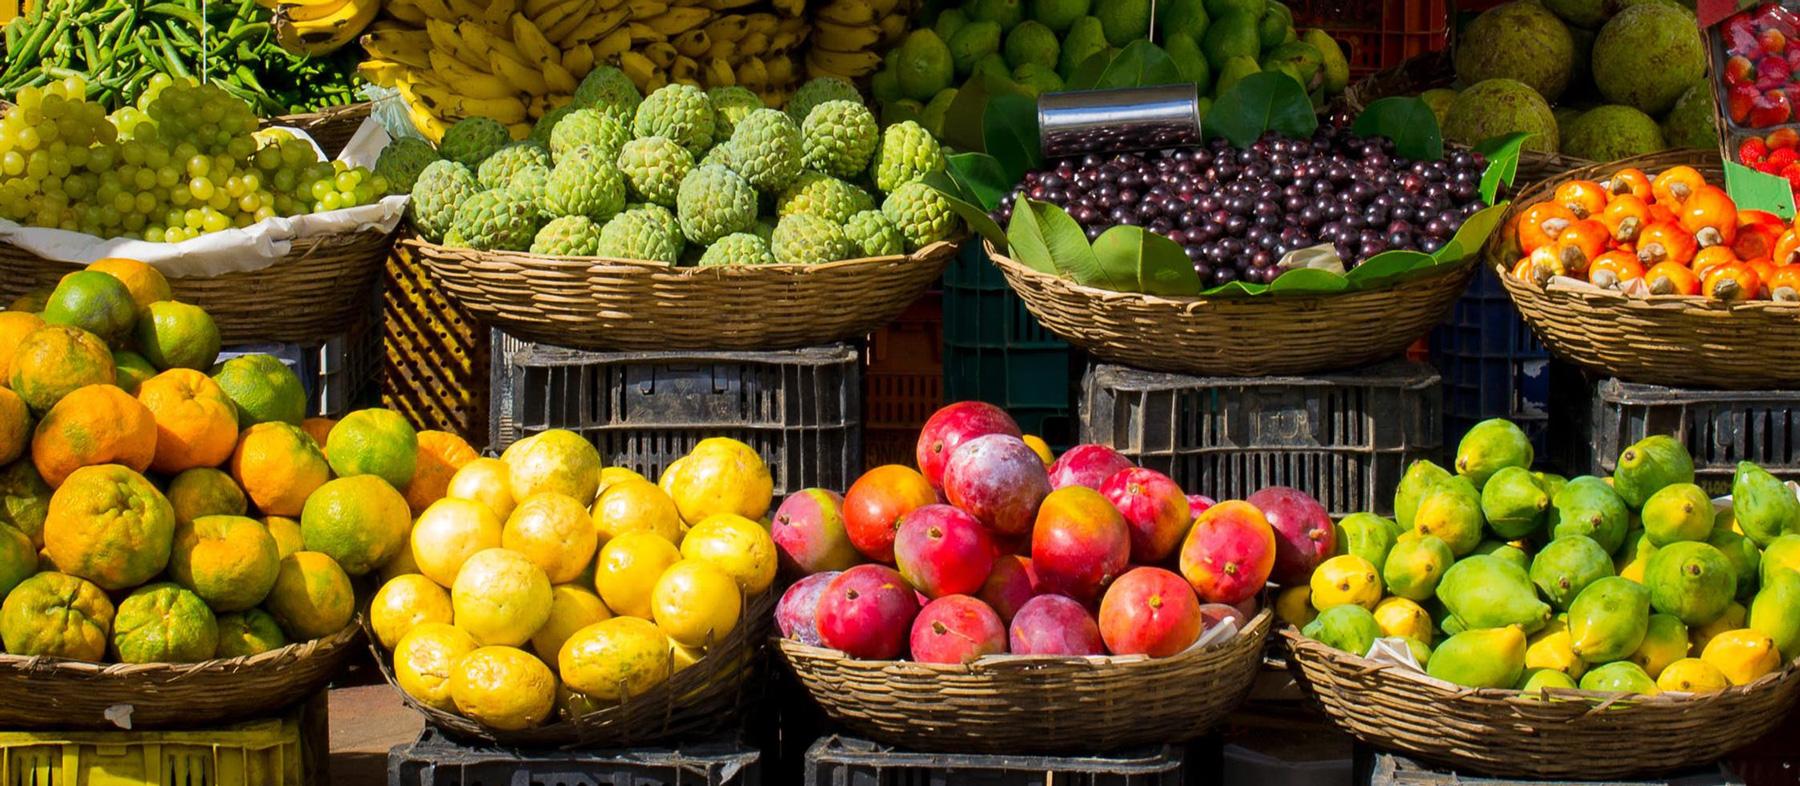 éclairage LED blanc lumière du jour fruits et légumes